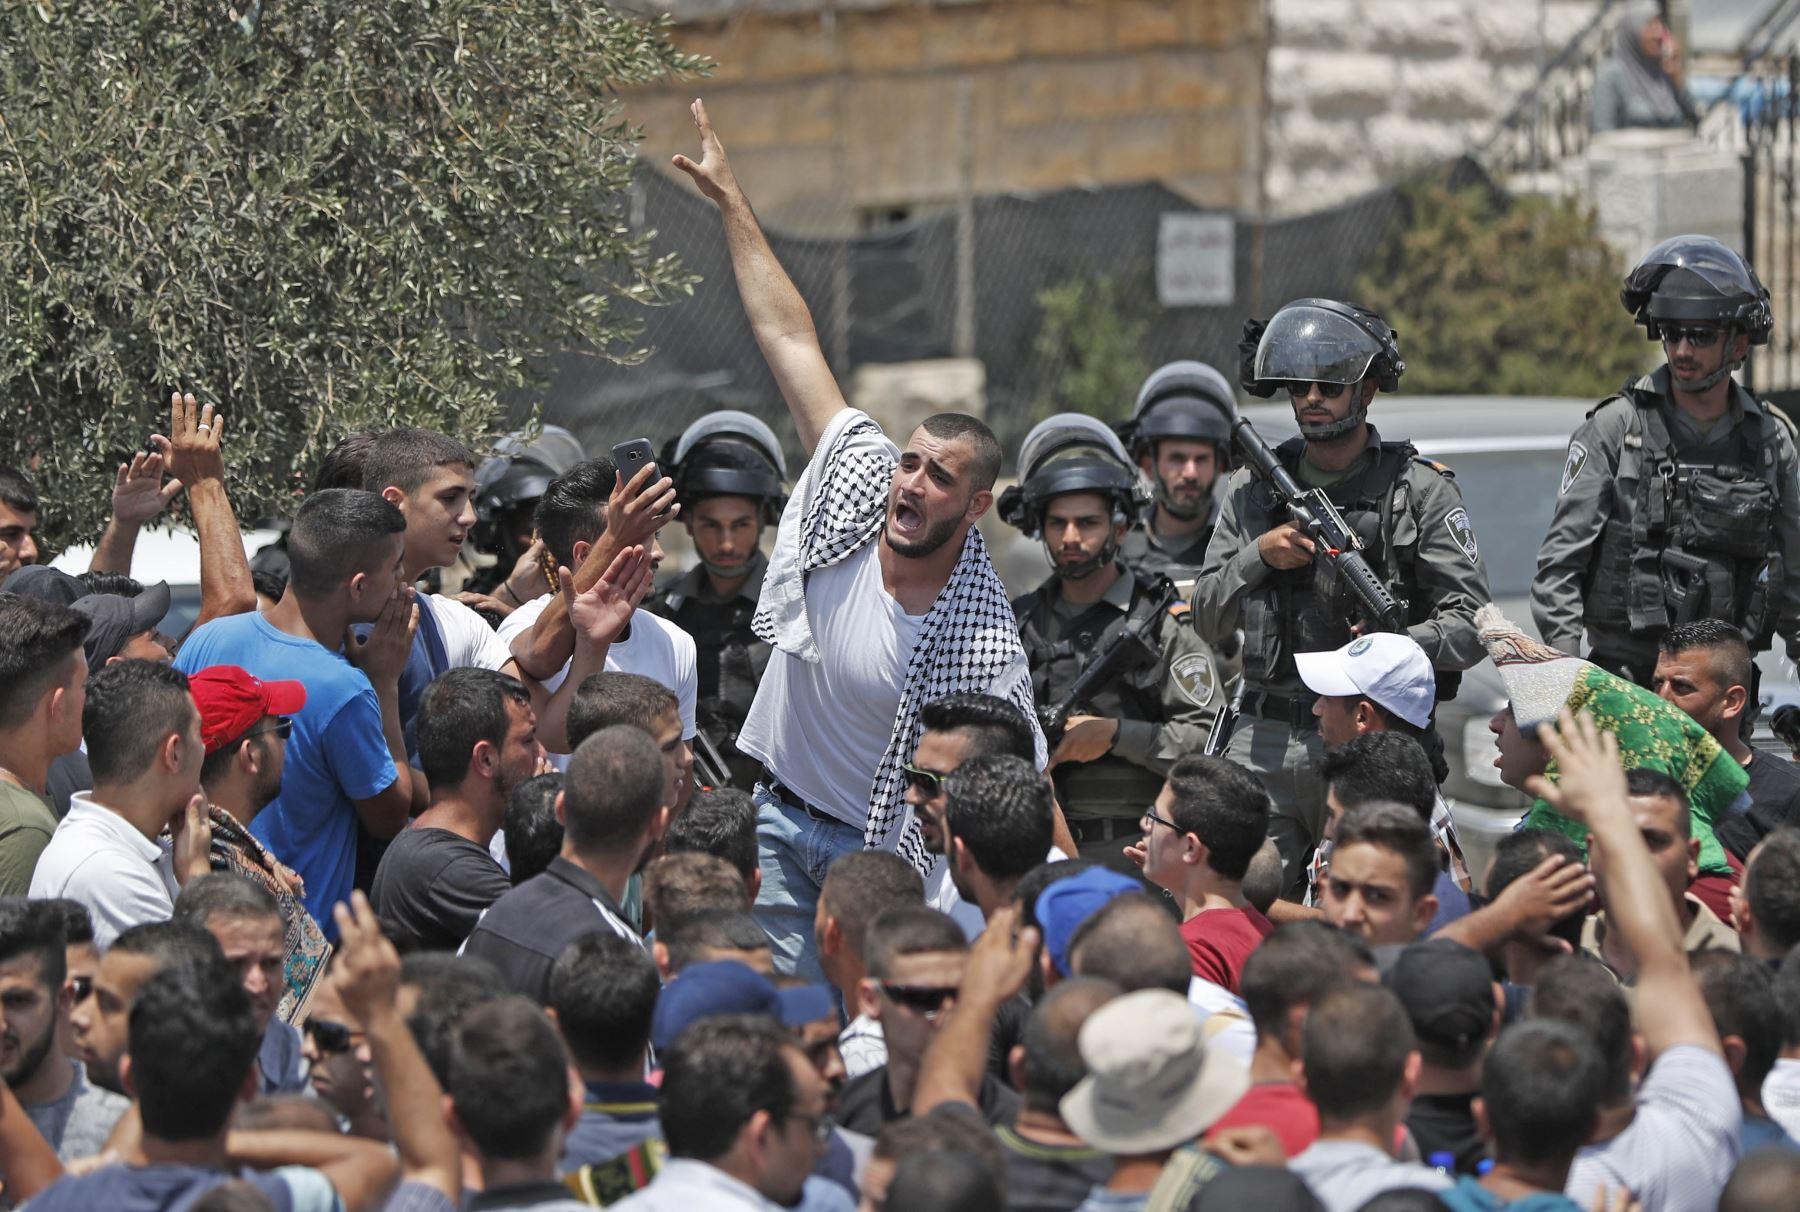 Enfrentamientos en la Ciudad Vieja de Jerusalén después de que la policía israelí prohibiera a los hombres menores de 50 años entrar a la ciudad para las oraciones musulmanas. Foto: AFP